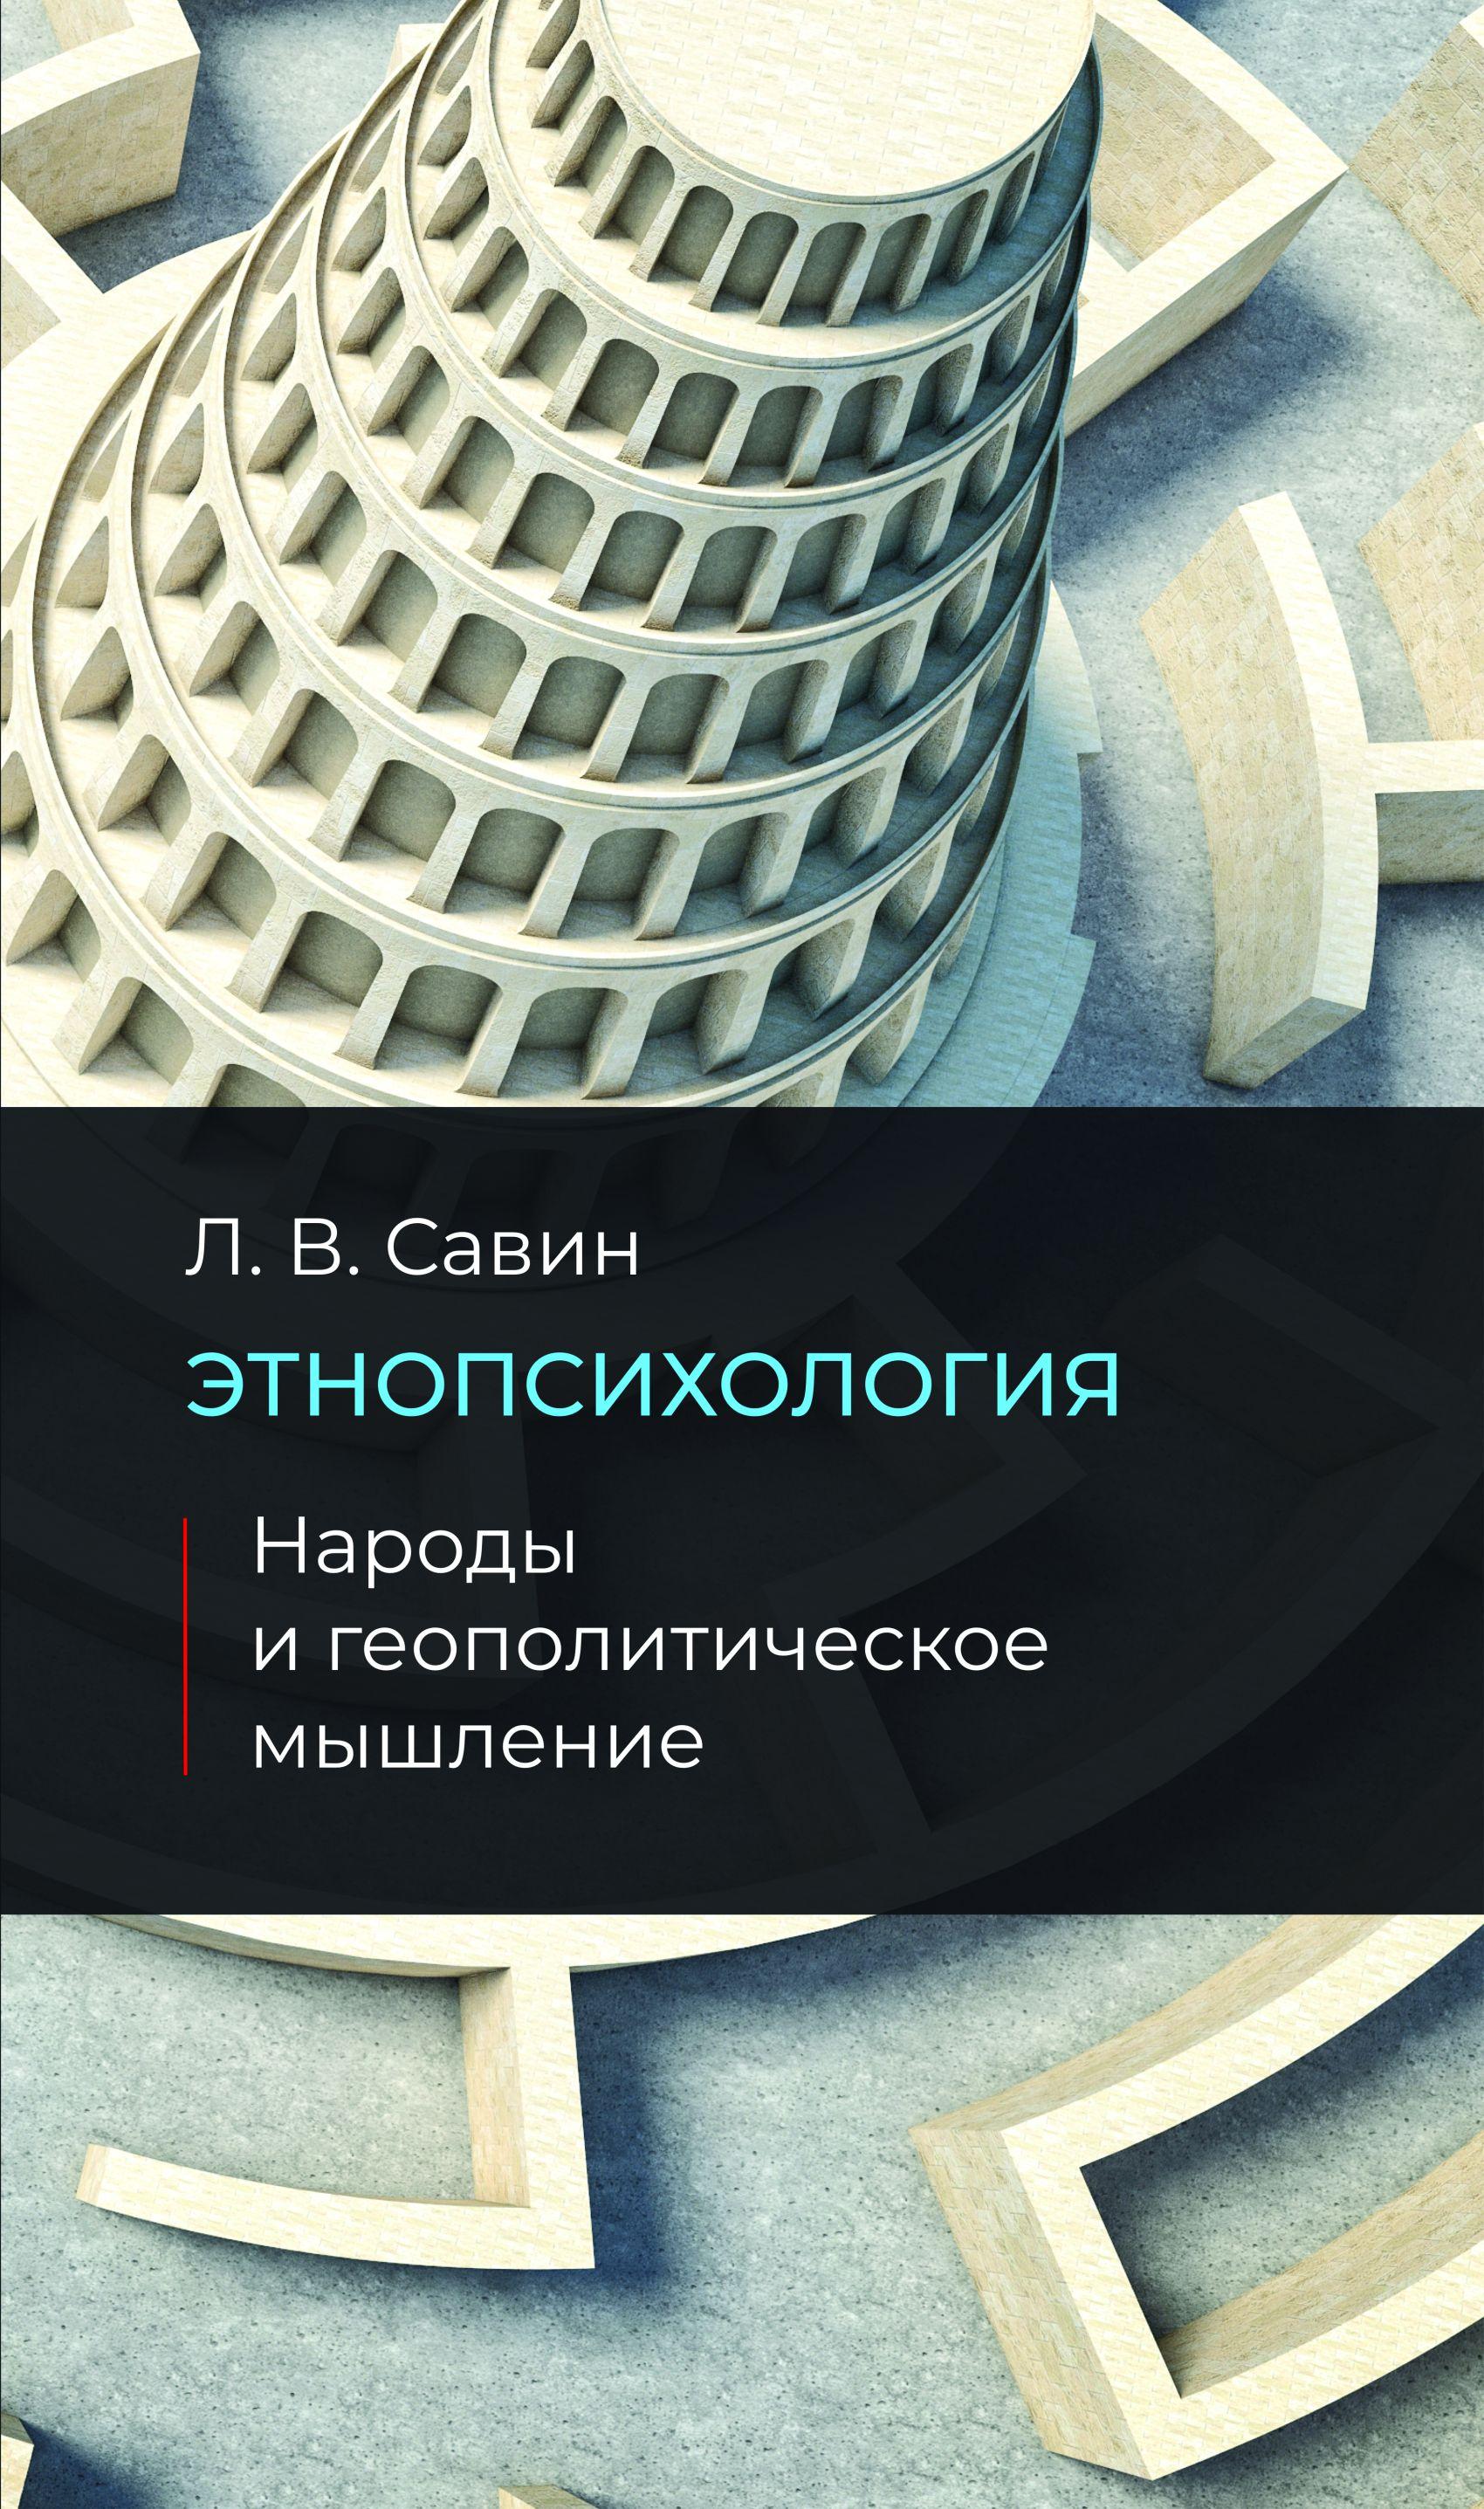 Этнопсихология. Народы и геополитическое мышление